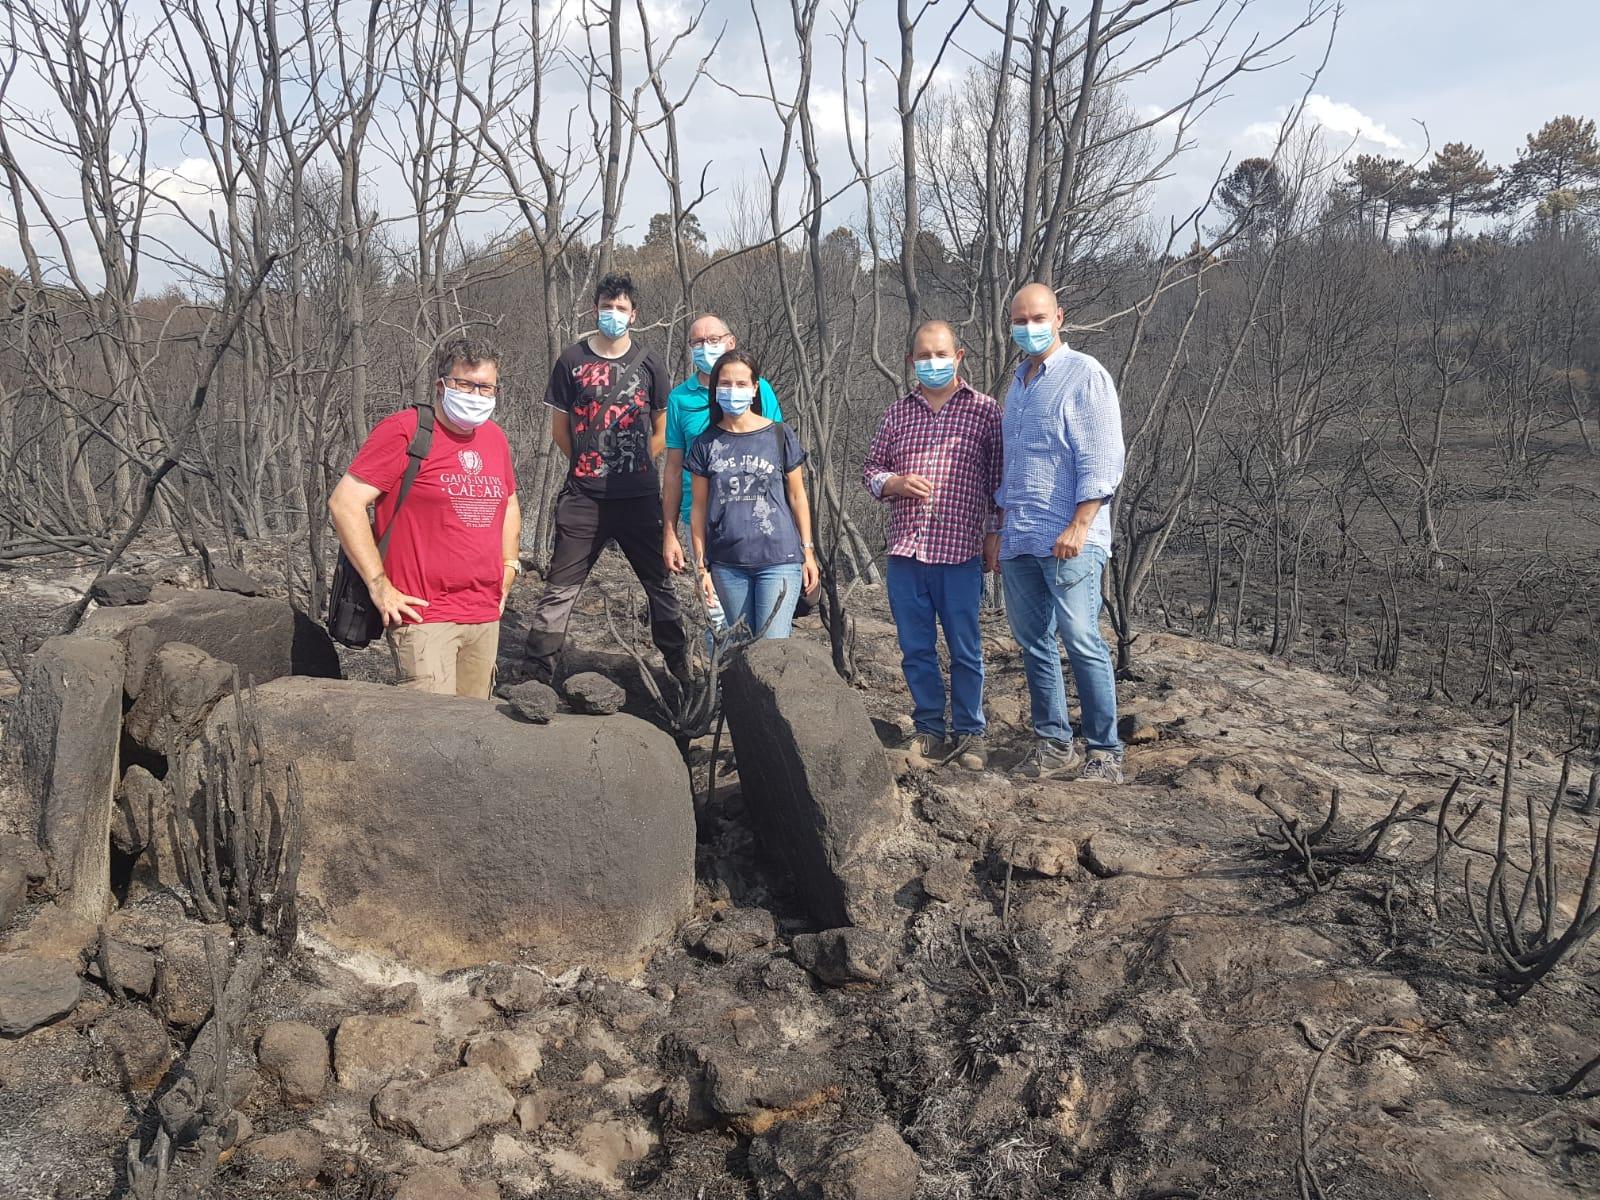 Técnicos da Dirección Xeral de Patrimonio Cultural visitaron o xacemento e traballan xa na acreditación do notable valor cultural do ben